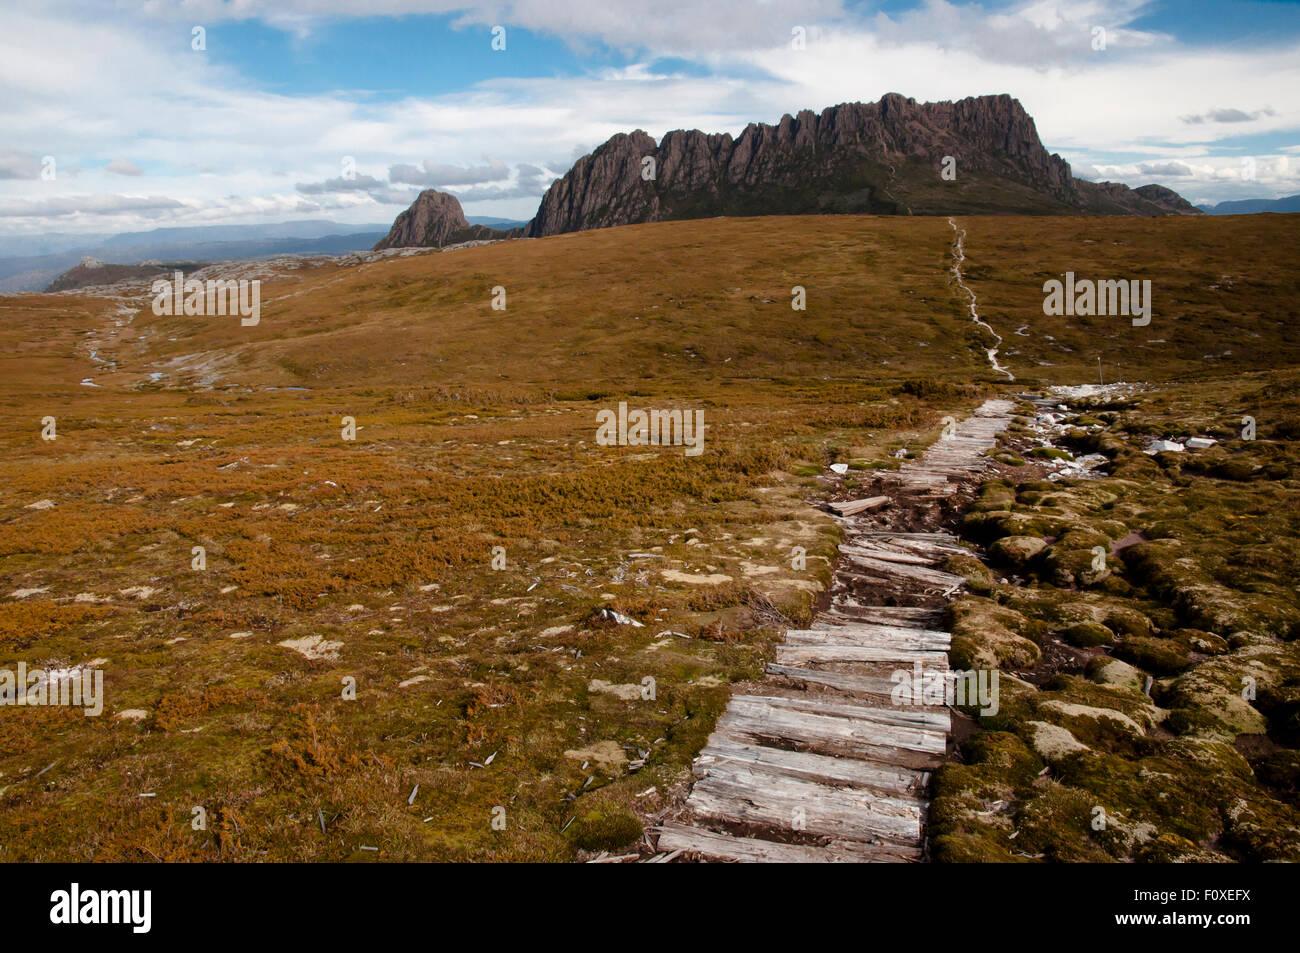 Cradle Mountain National Park - Tasmania - Australia - Stock Image